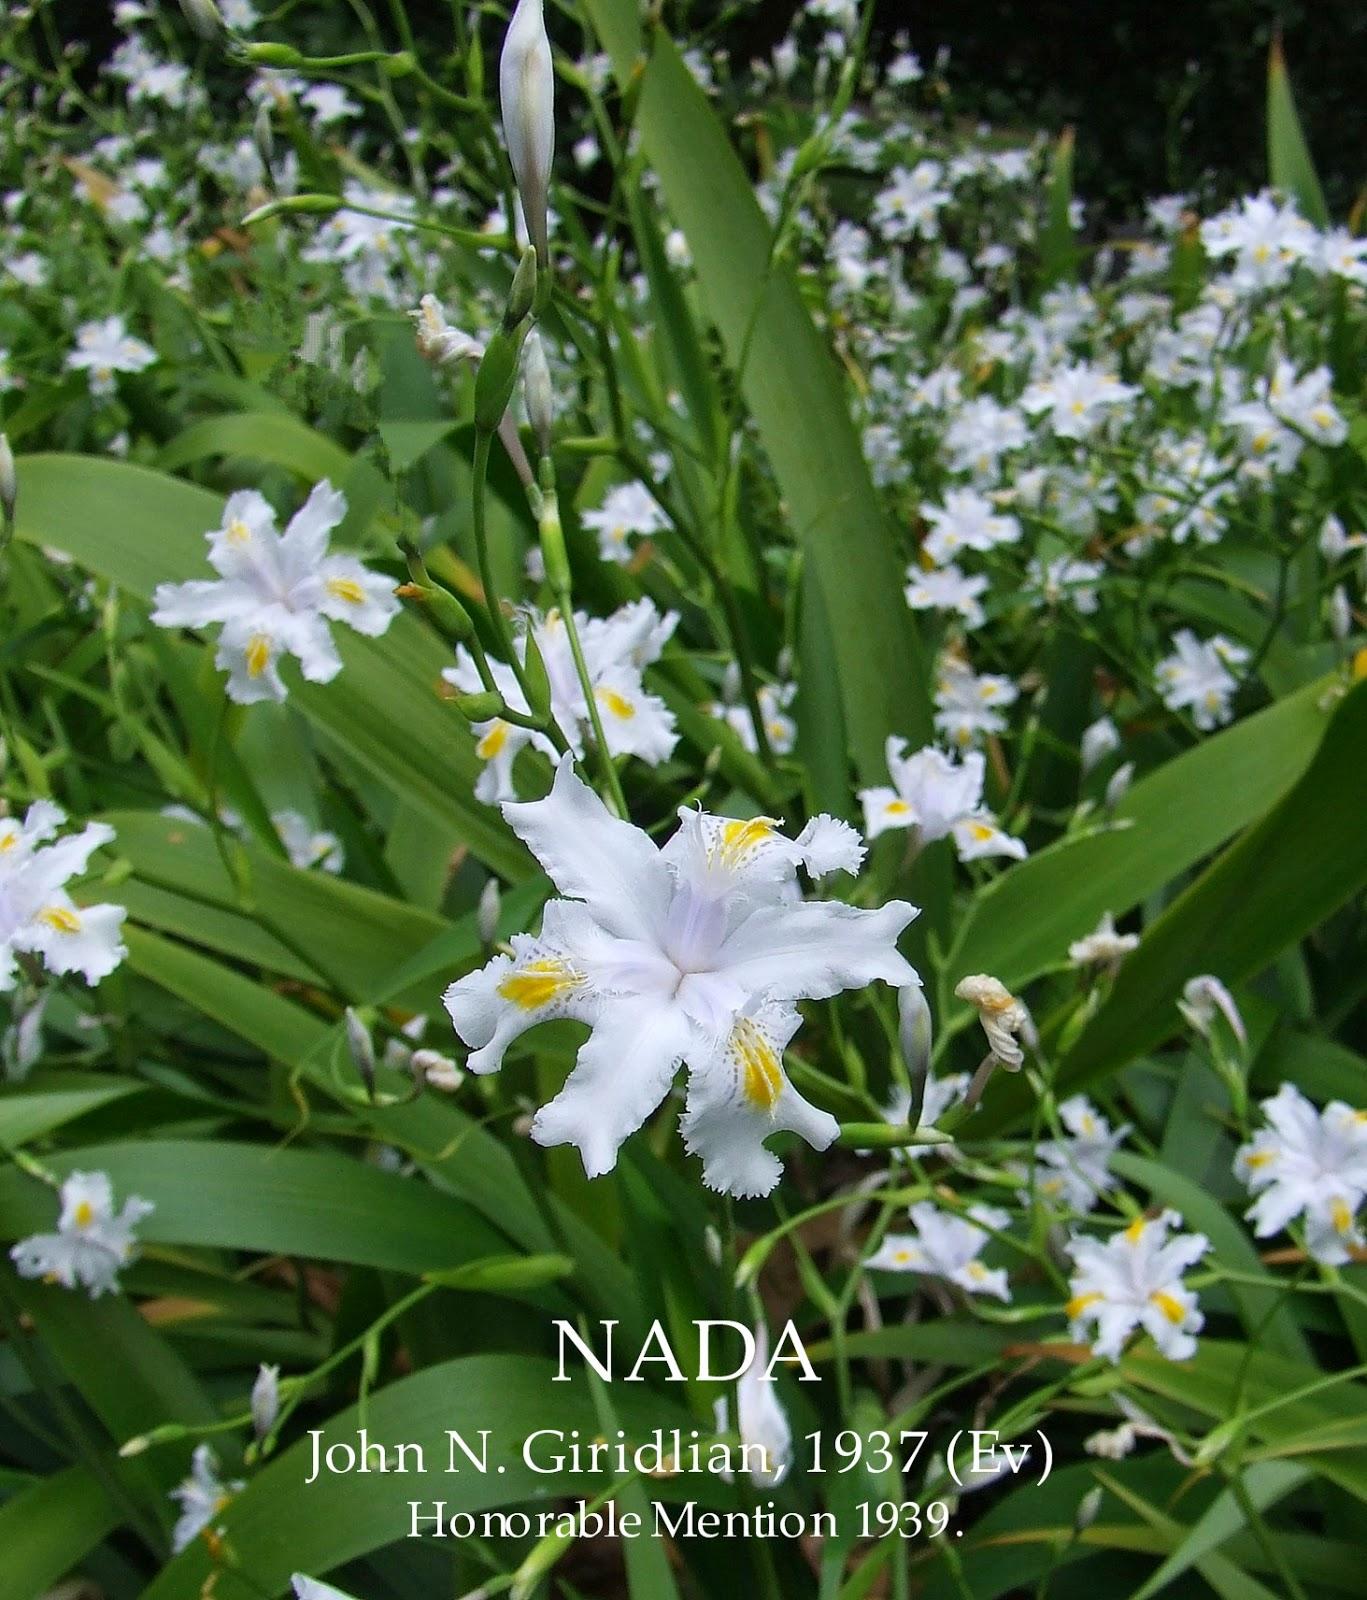 Iris Evansia Iris Japonica Crested Iris Nada Heritage Irises